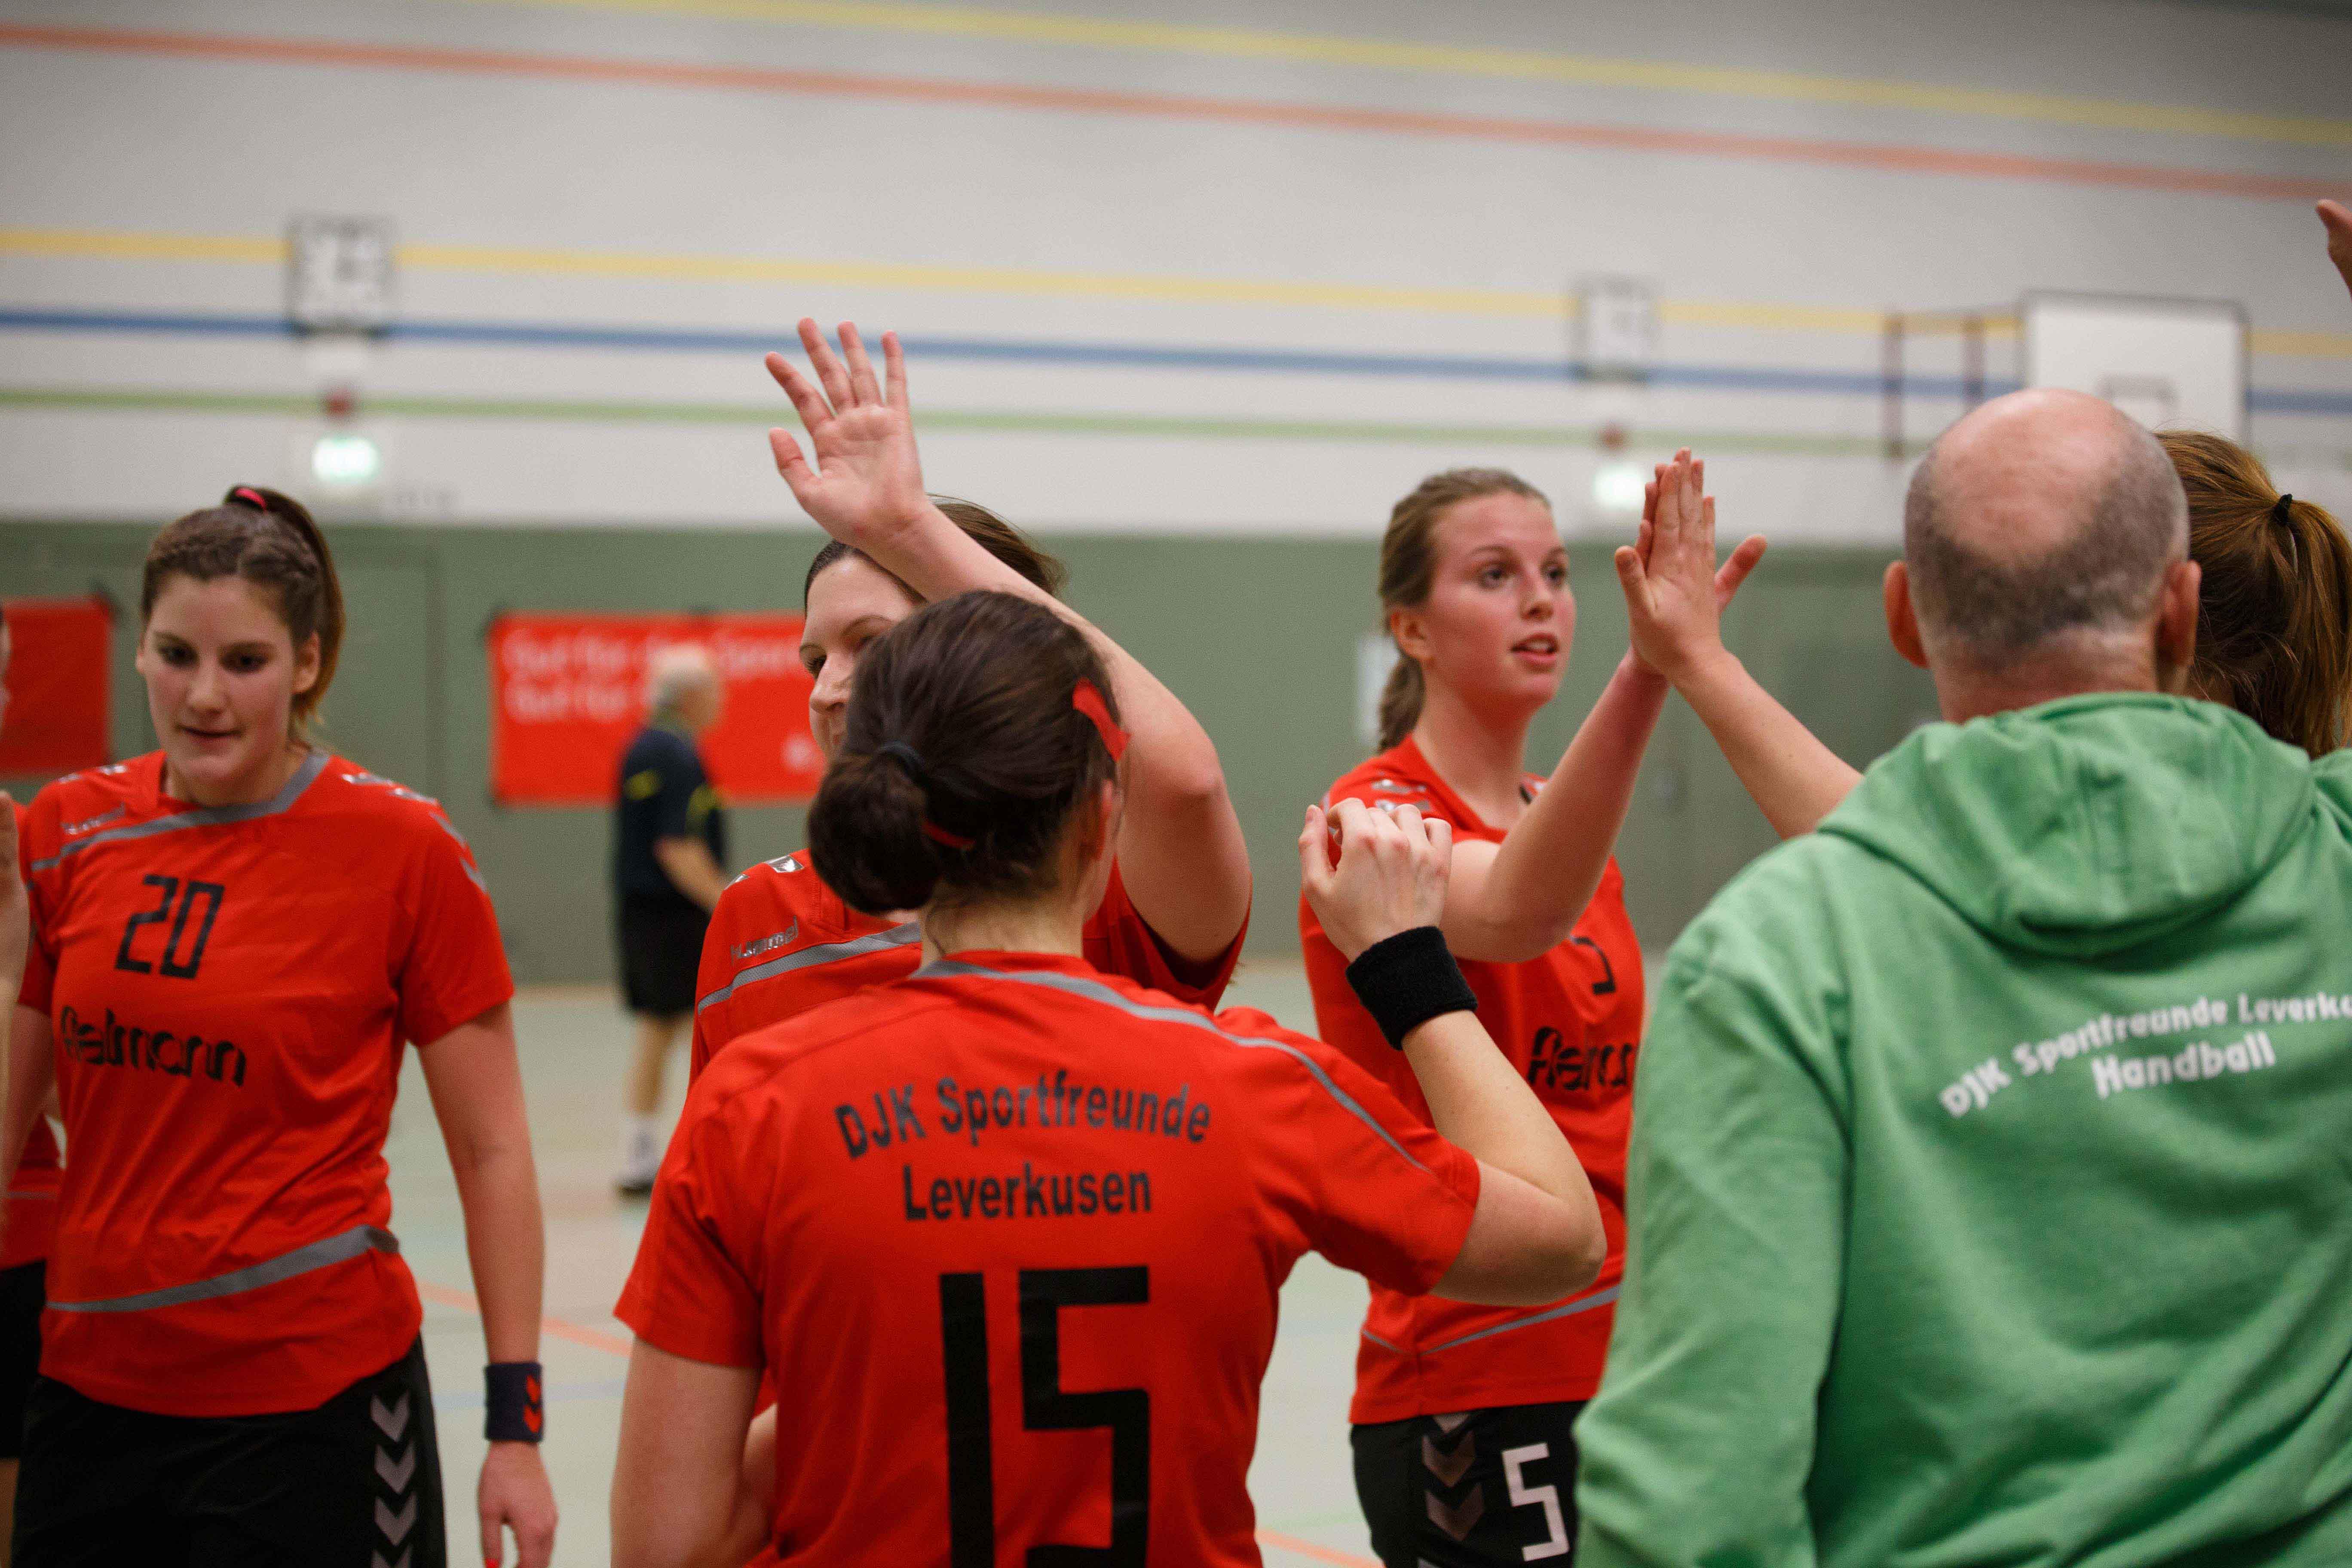 Handball1012